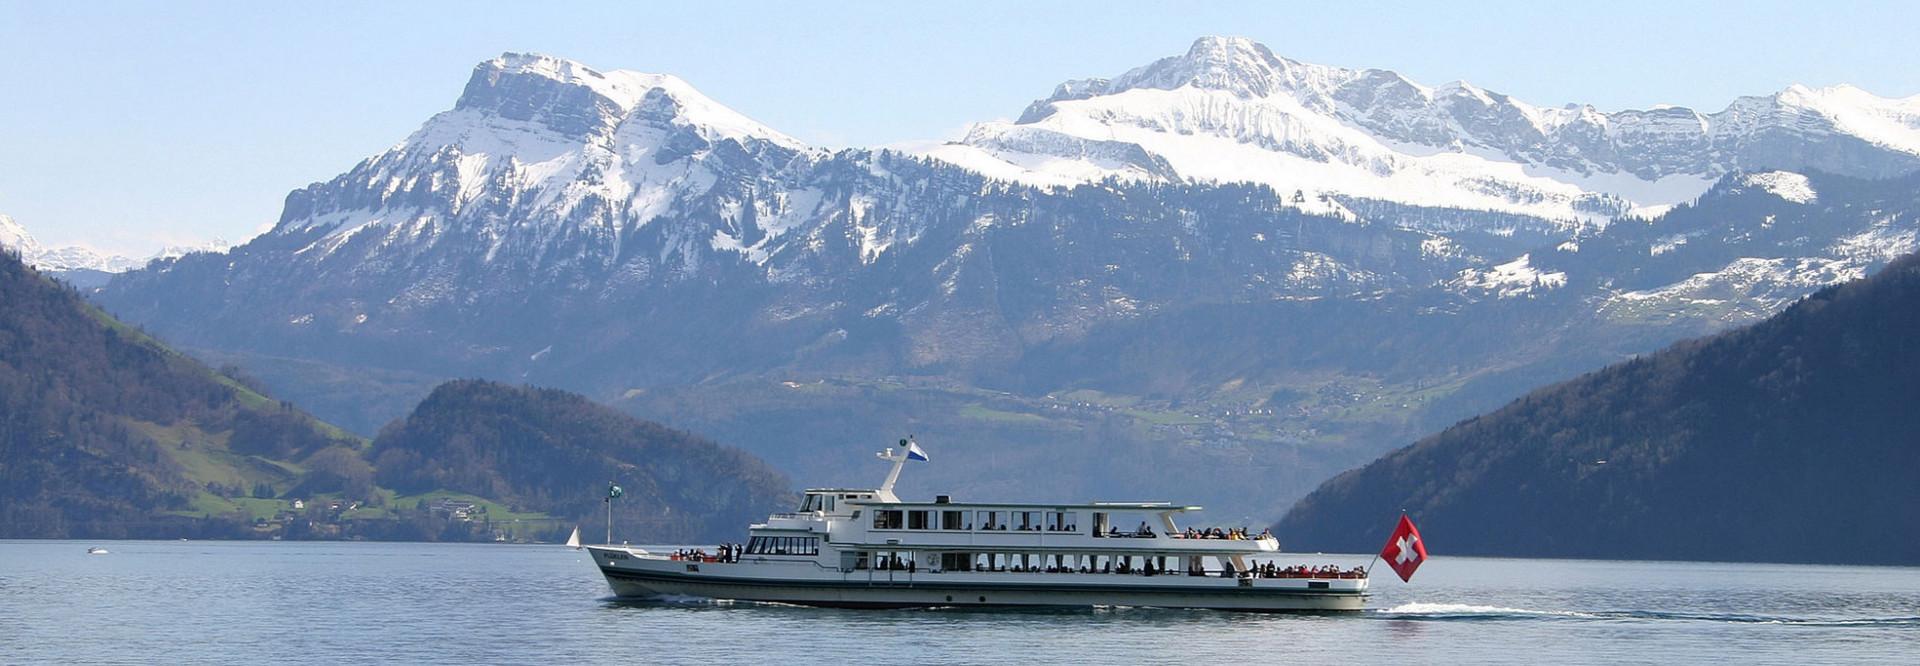 Motorschiff Flüelen mit schönem Winterbergpanorama im Hintergrund